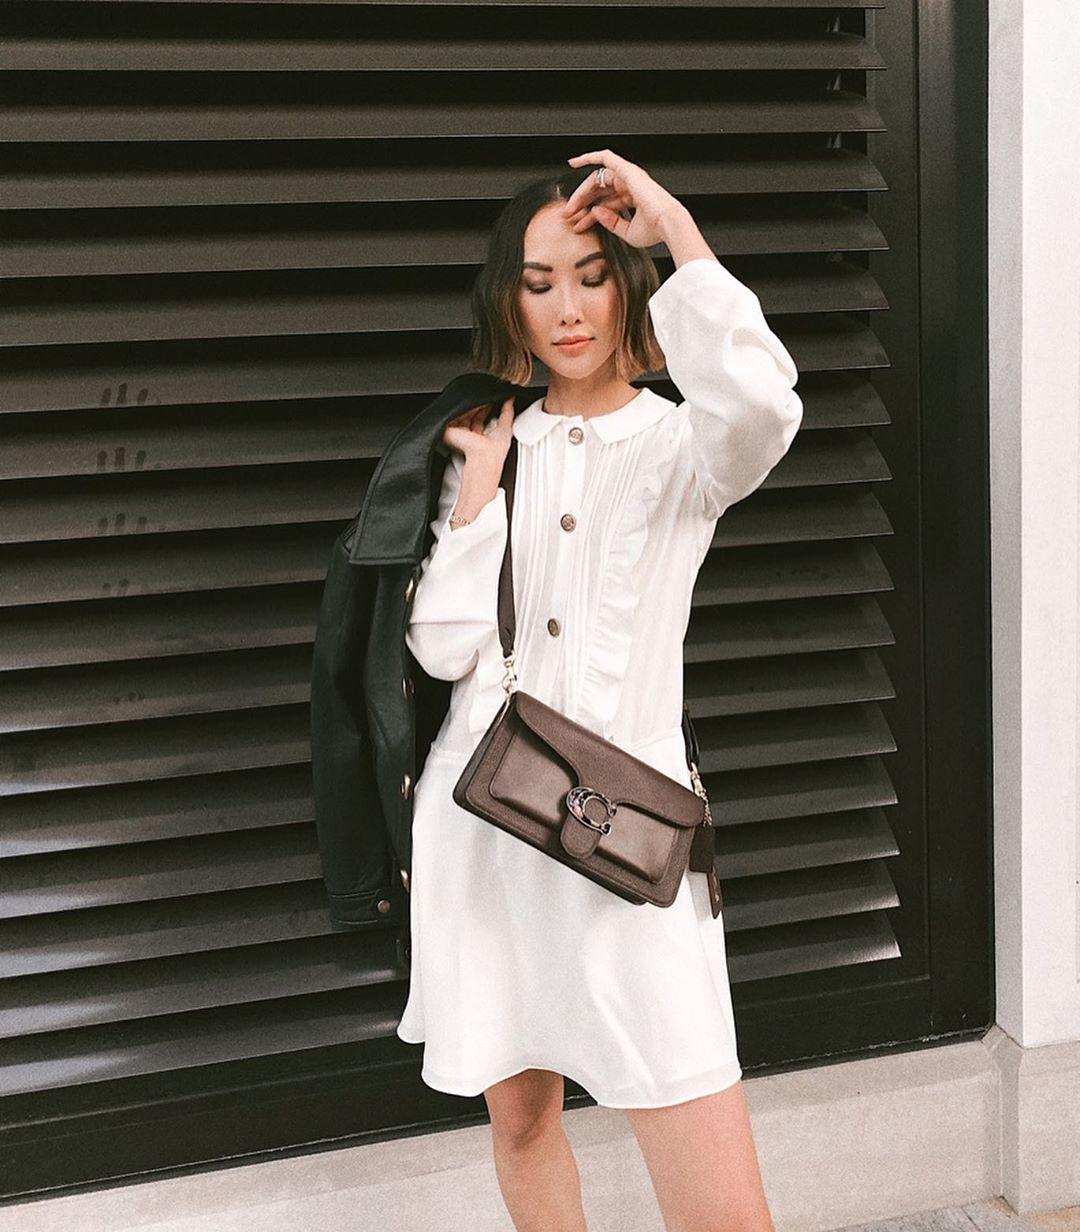 túi xách nữ đeo chéo ôm sát người Chriselle Lim